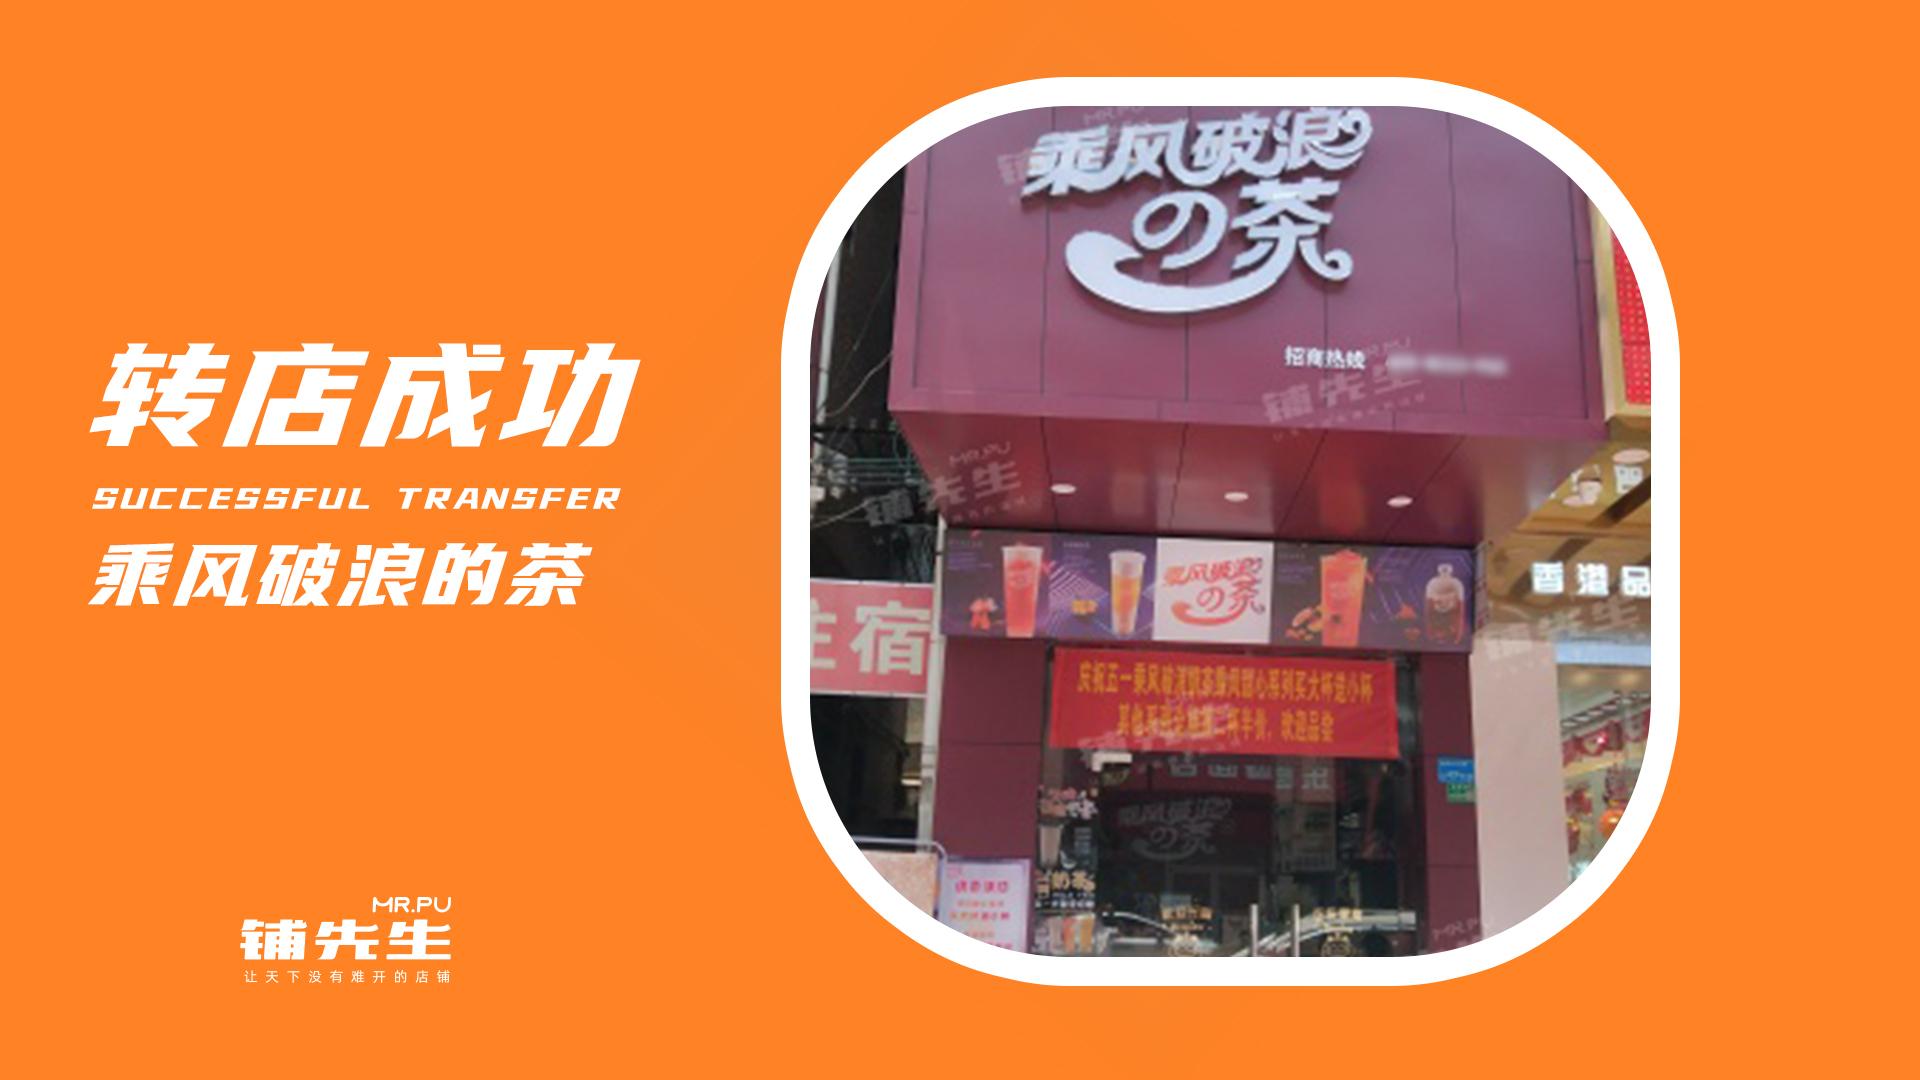 横沥中心商业街临街奶茶店铺先生转让店铺成功